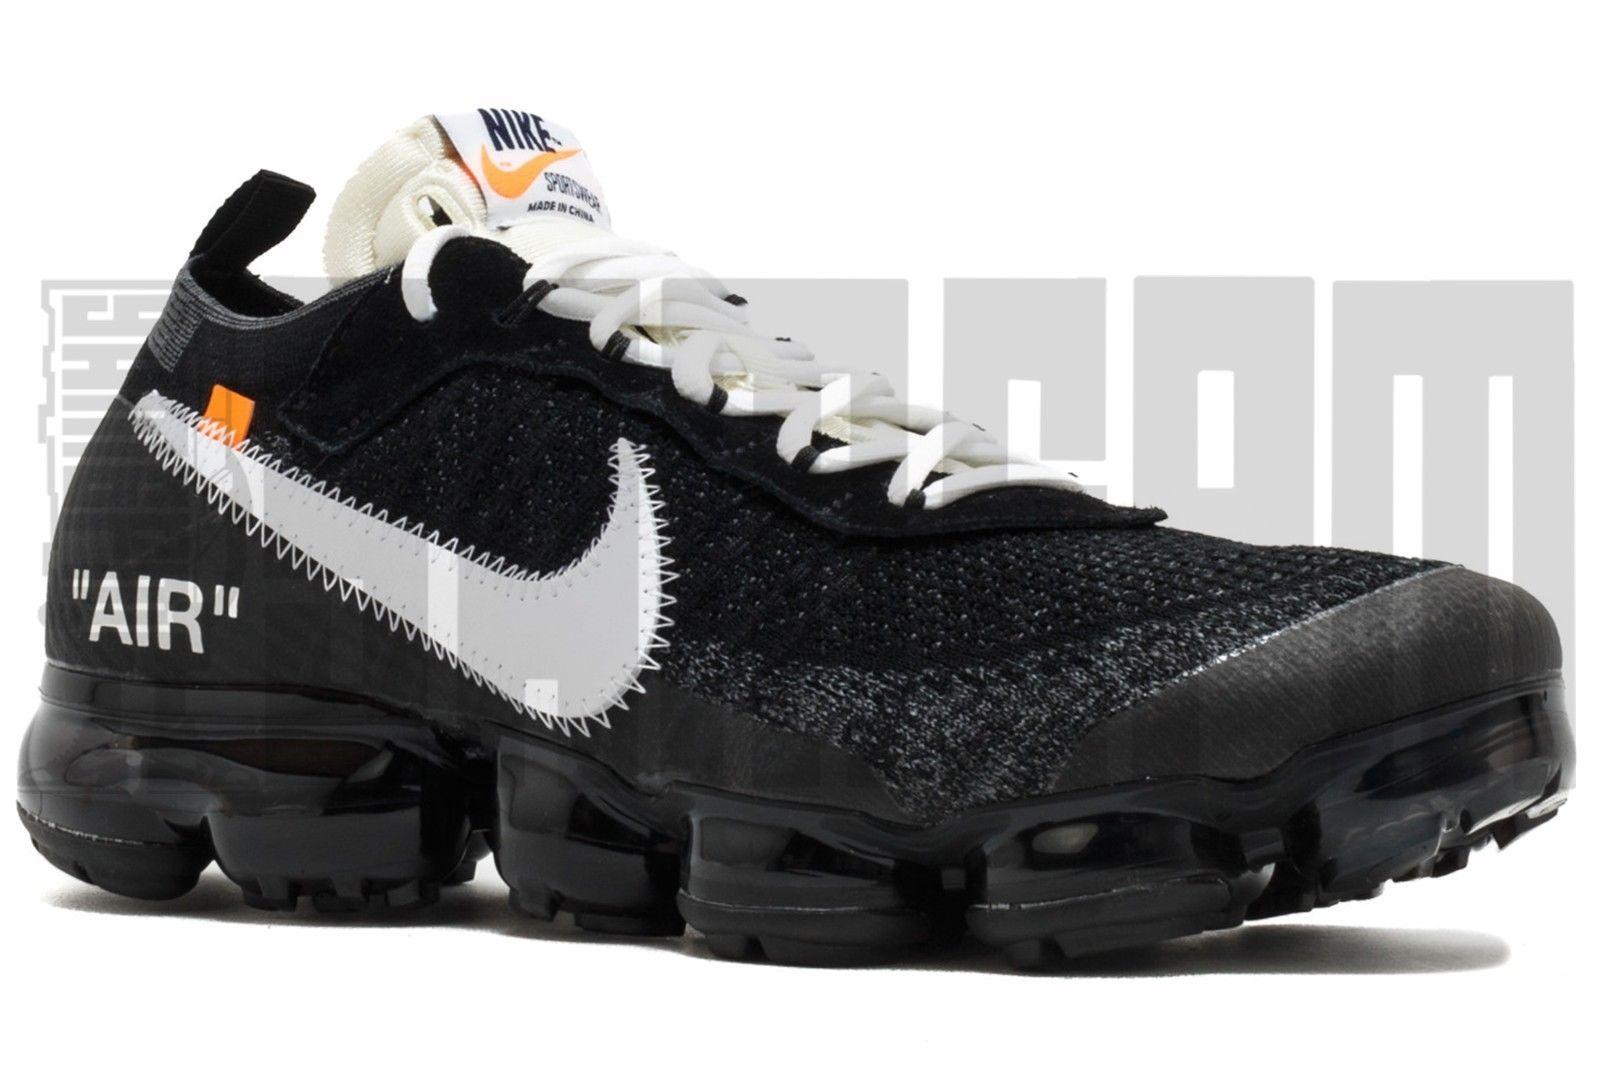 Nike AIR VAPORMAX FLYKNIT OFF-WHITE 7 8 9 10 BLACK WHITE THE TEN offwhite